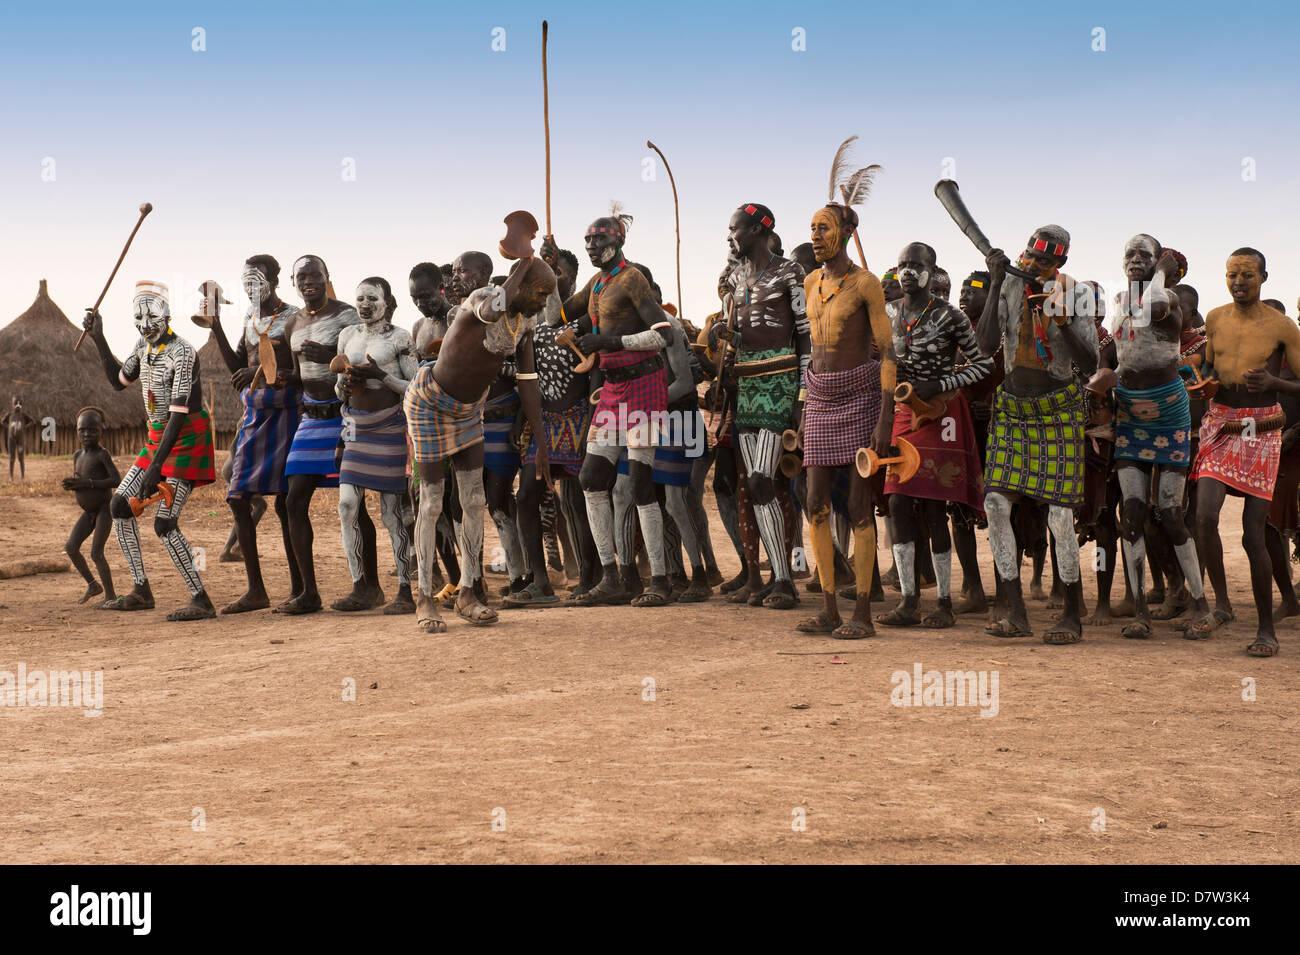 Karo Menschen mit Körper-Gemälde, die Teilnahme an einem Tribal dance Zeremonie, Omo River Valley, Südäthiopien Stockbild